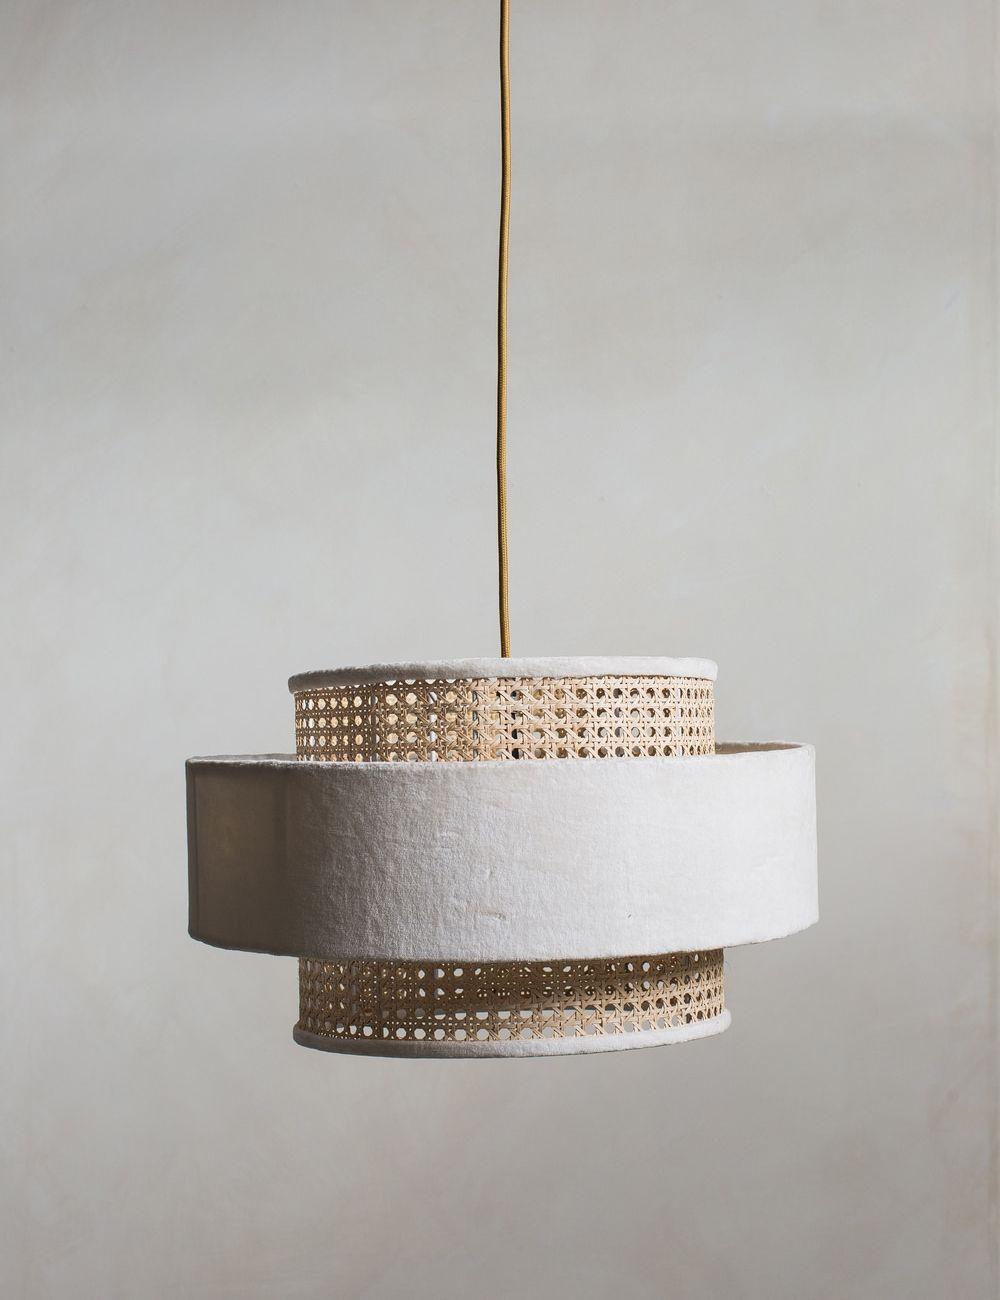 Velvet & Bamboo Pendant Lamp Shade - White